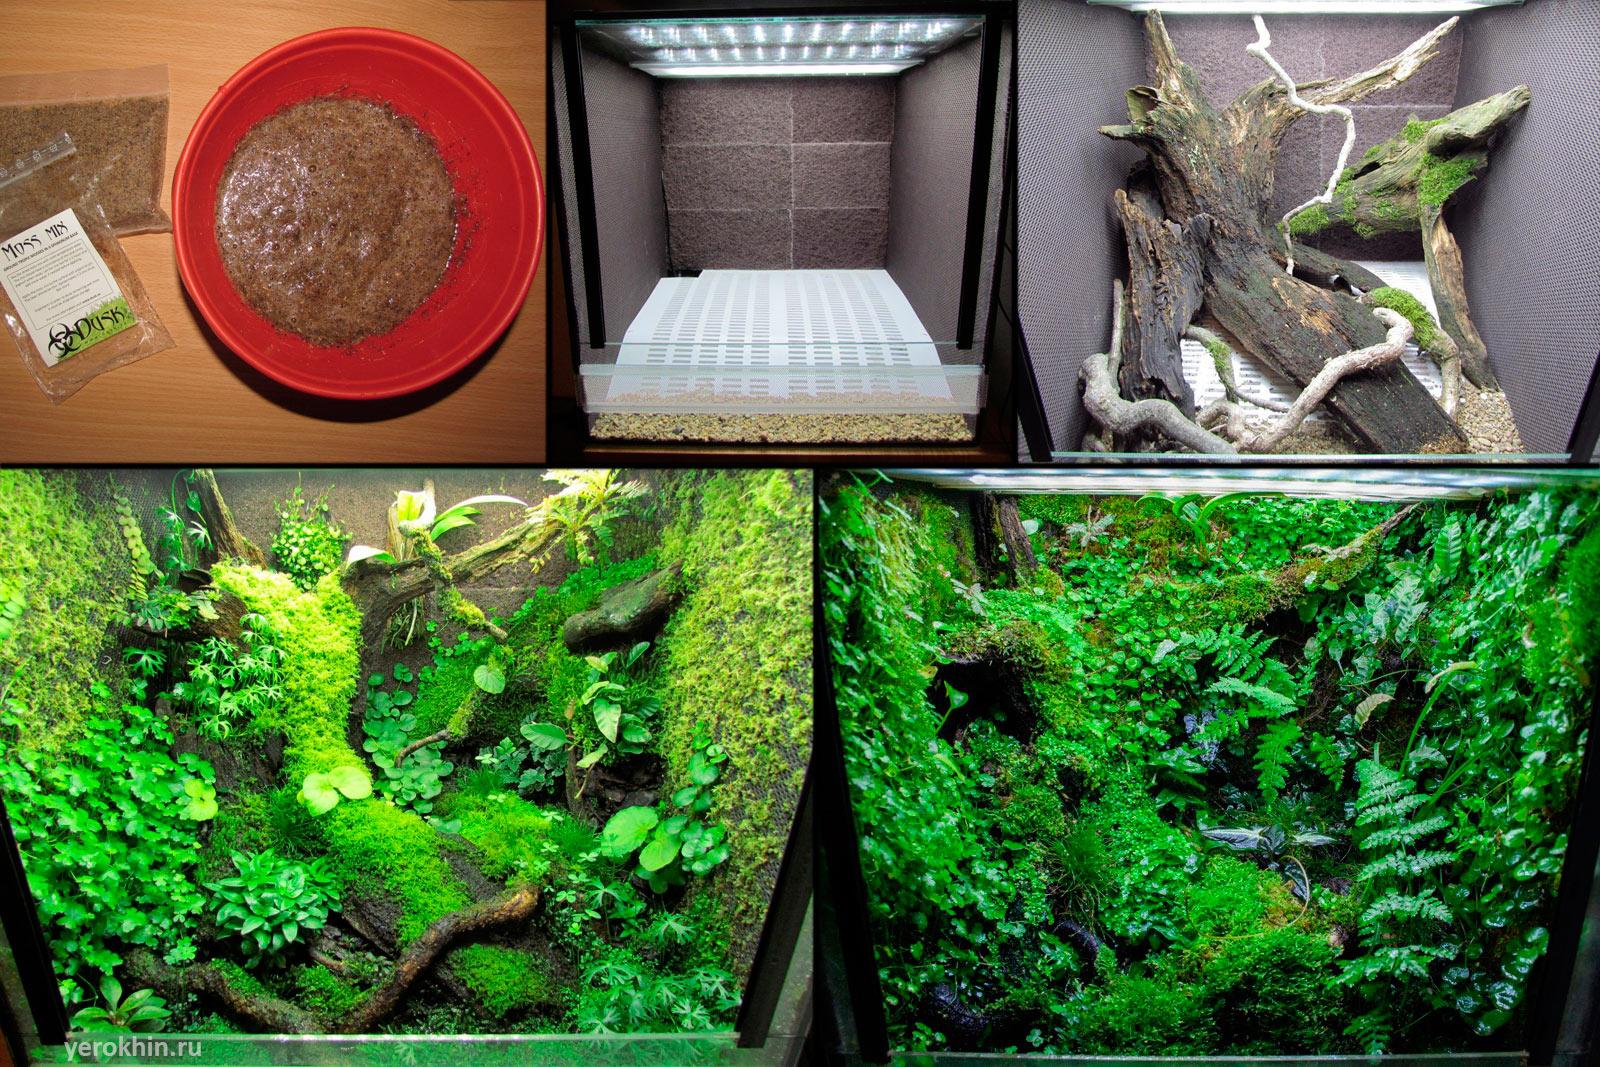 Террариум для наземных лягушек и жаб, размеры террариума 29